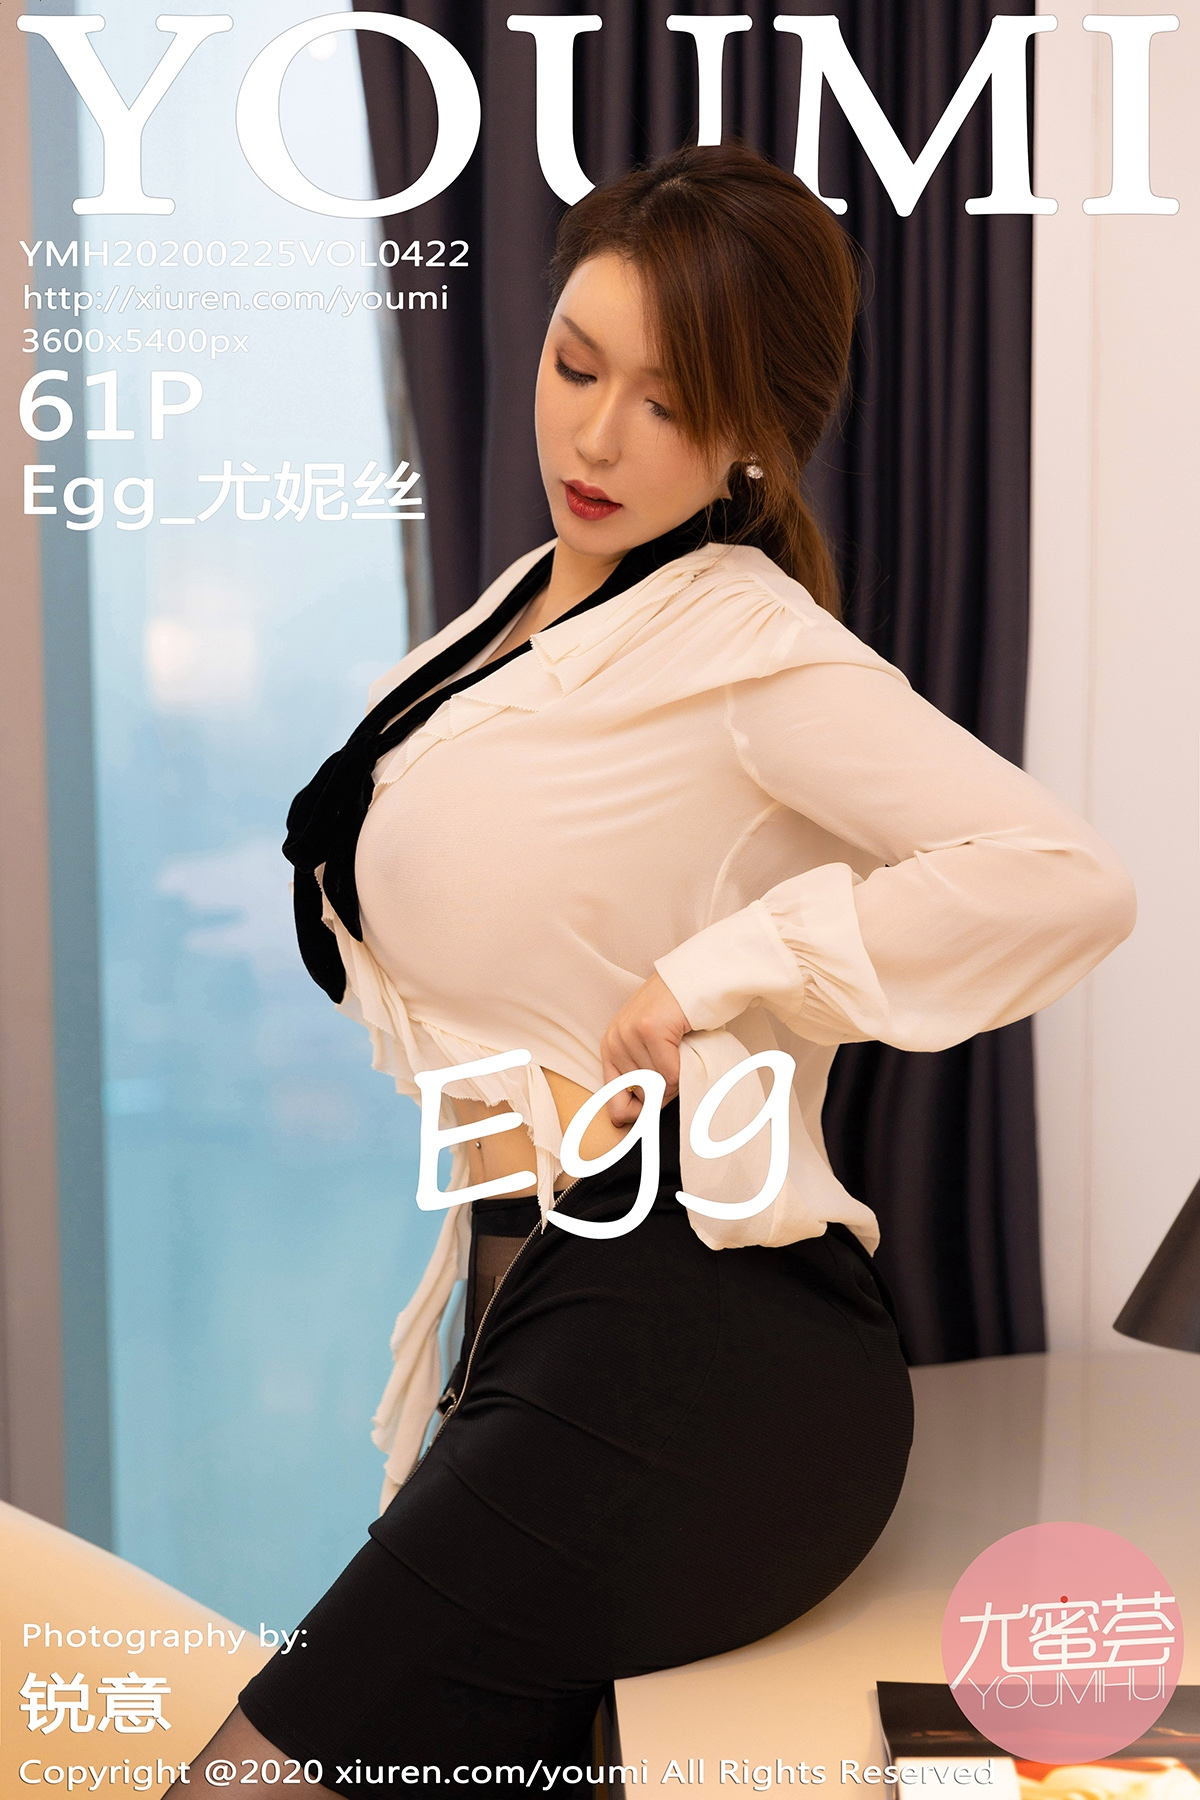 [YOUMI尤蜜荟]2020.02.25 VOL.422 Egg_尤妮丝 巨乳肥臀[/282MB]